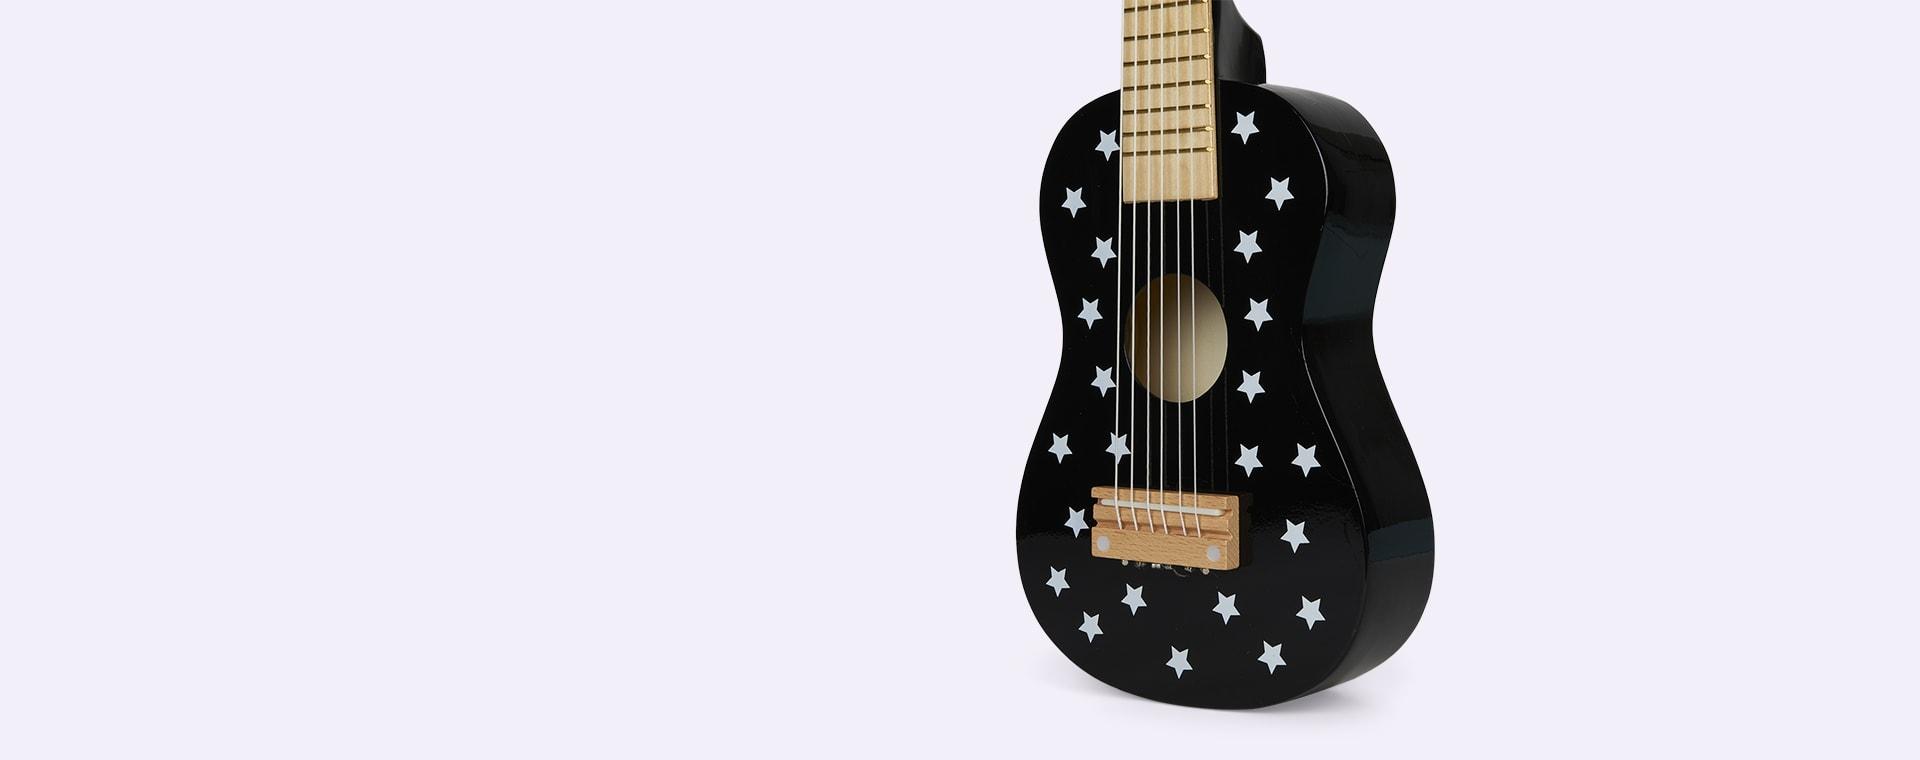 Black Jabadabado Guitar